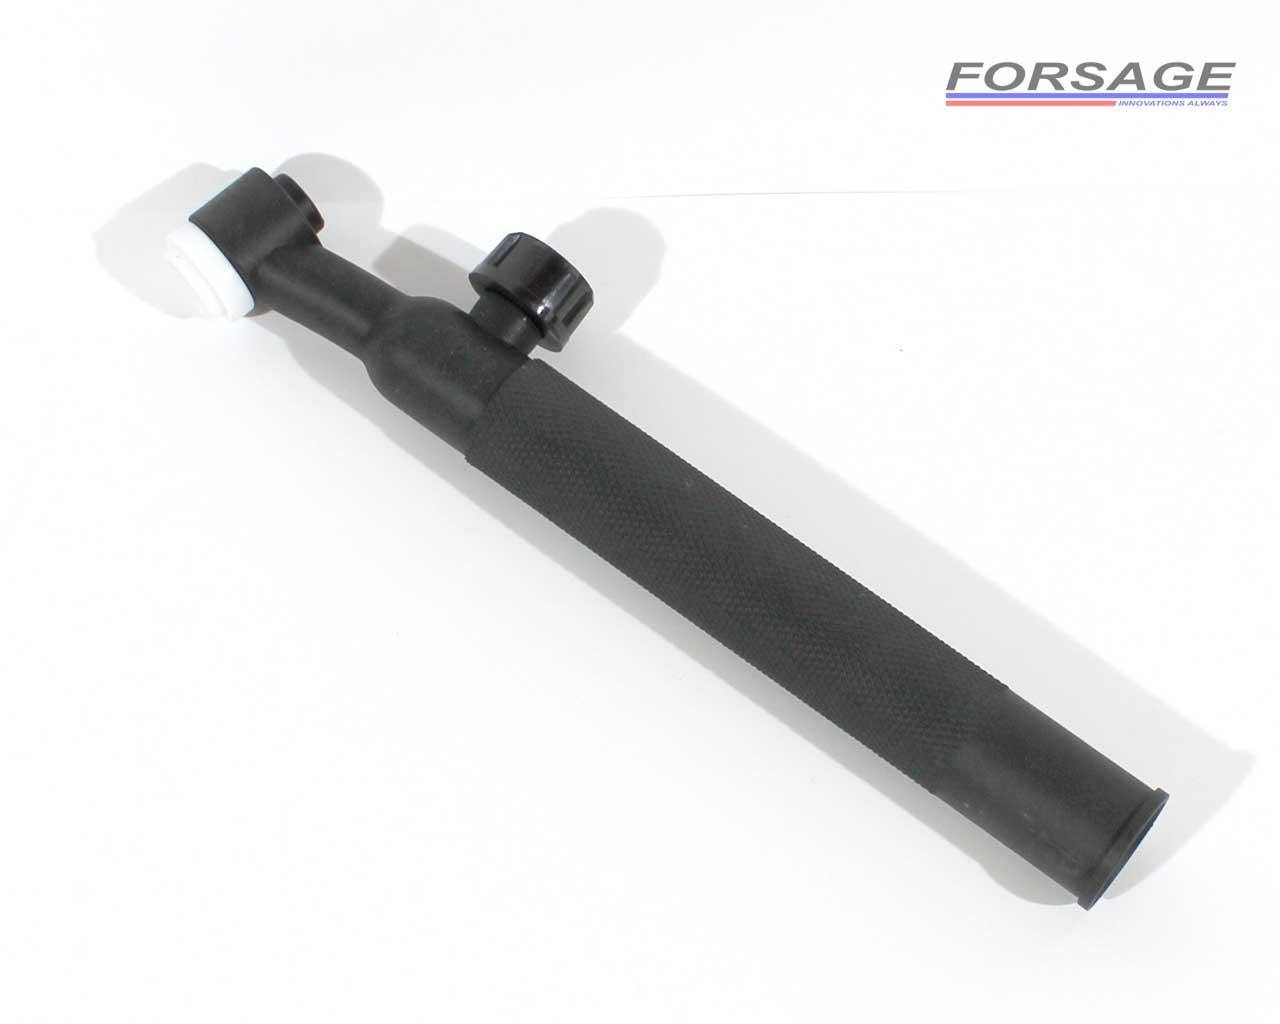 Головка с ручкой WP-9FV с вентилем гибкая для TIG горелки